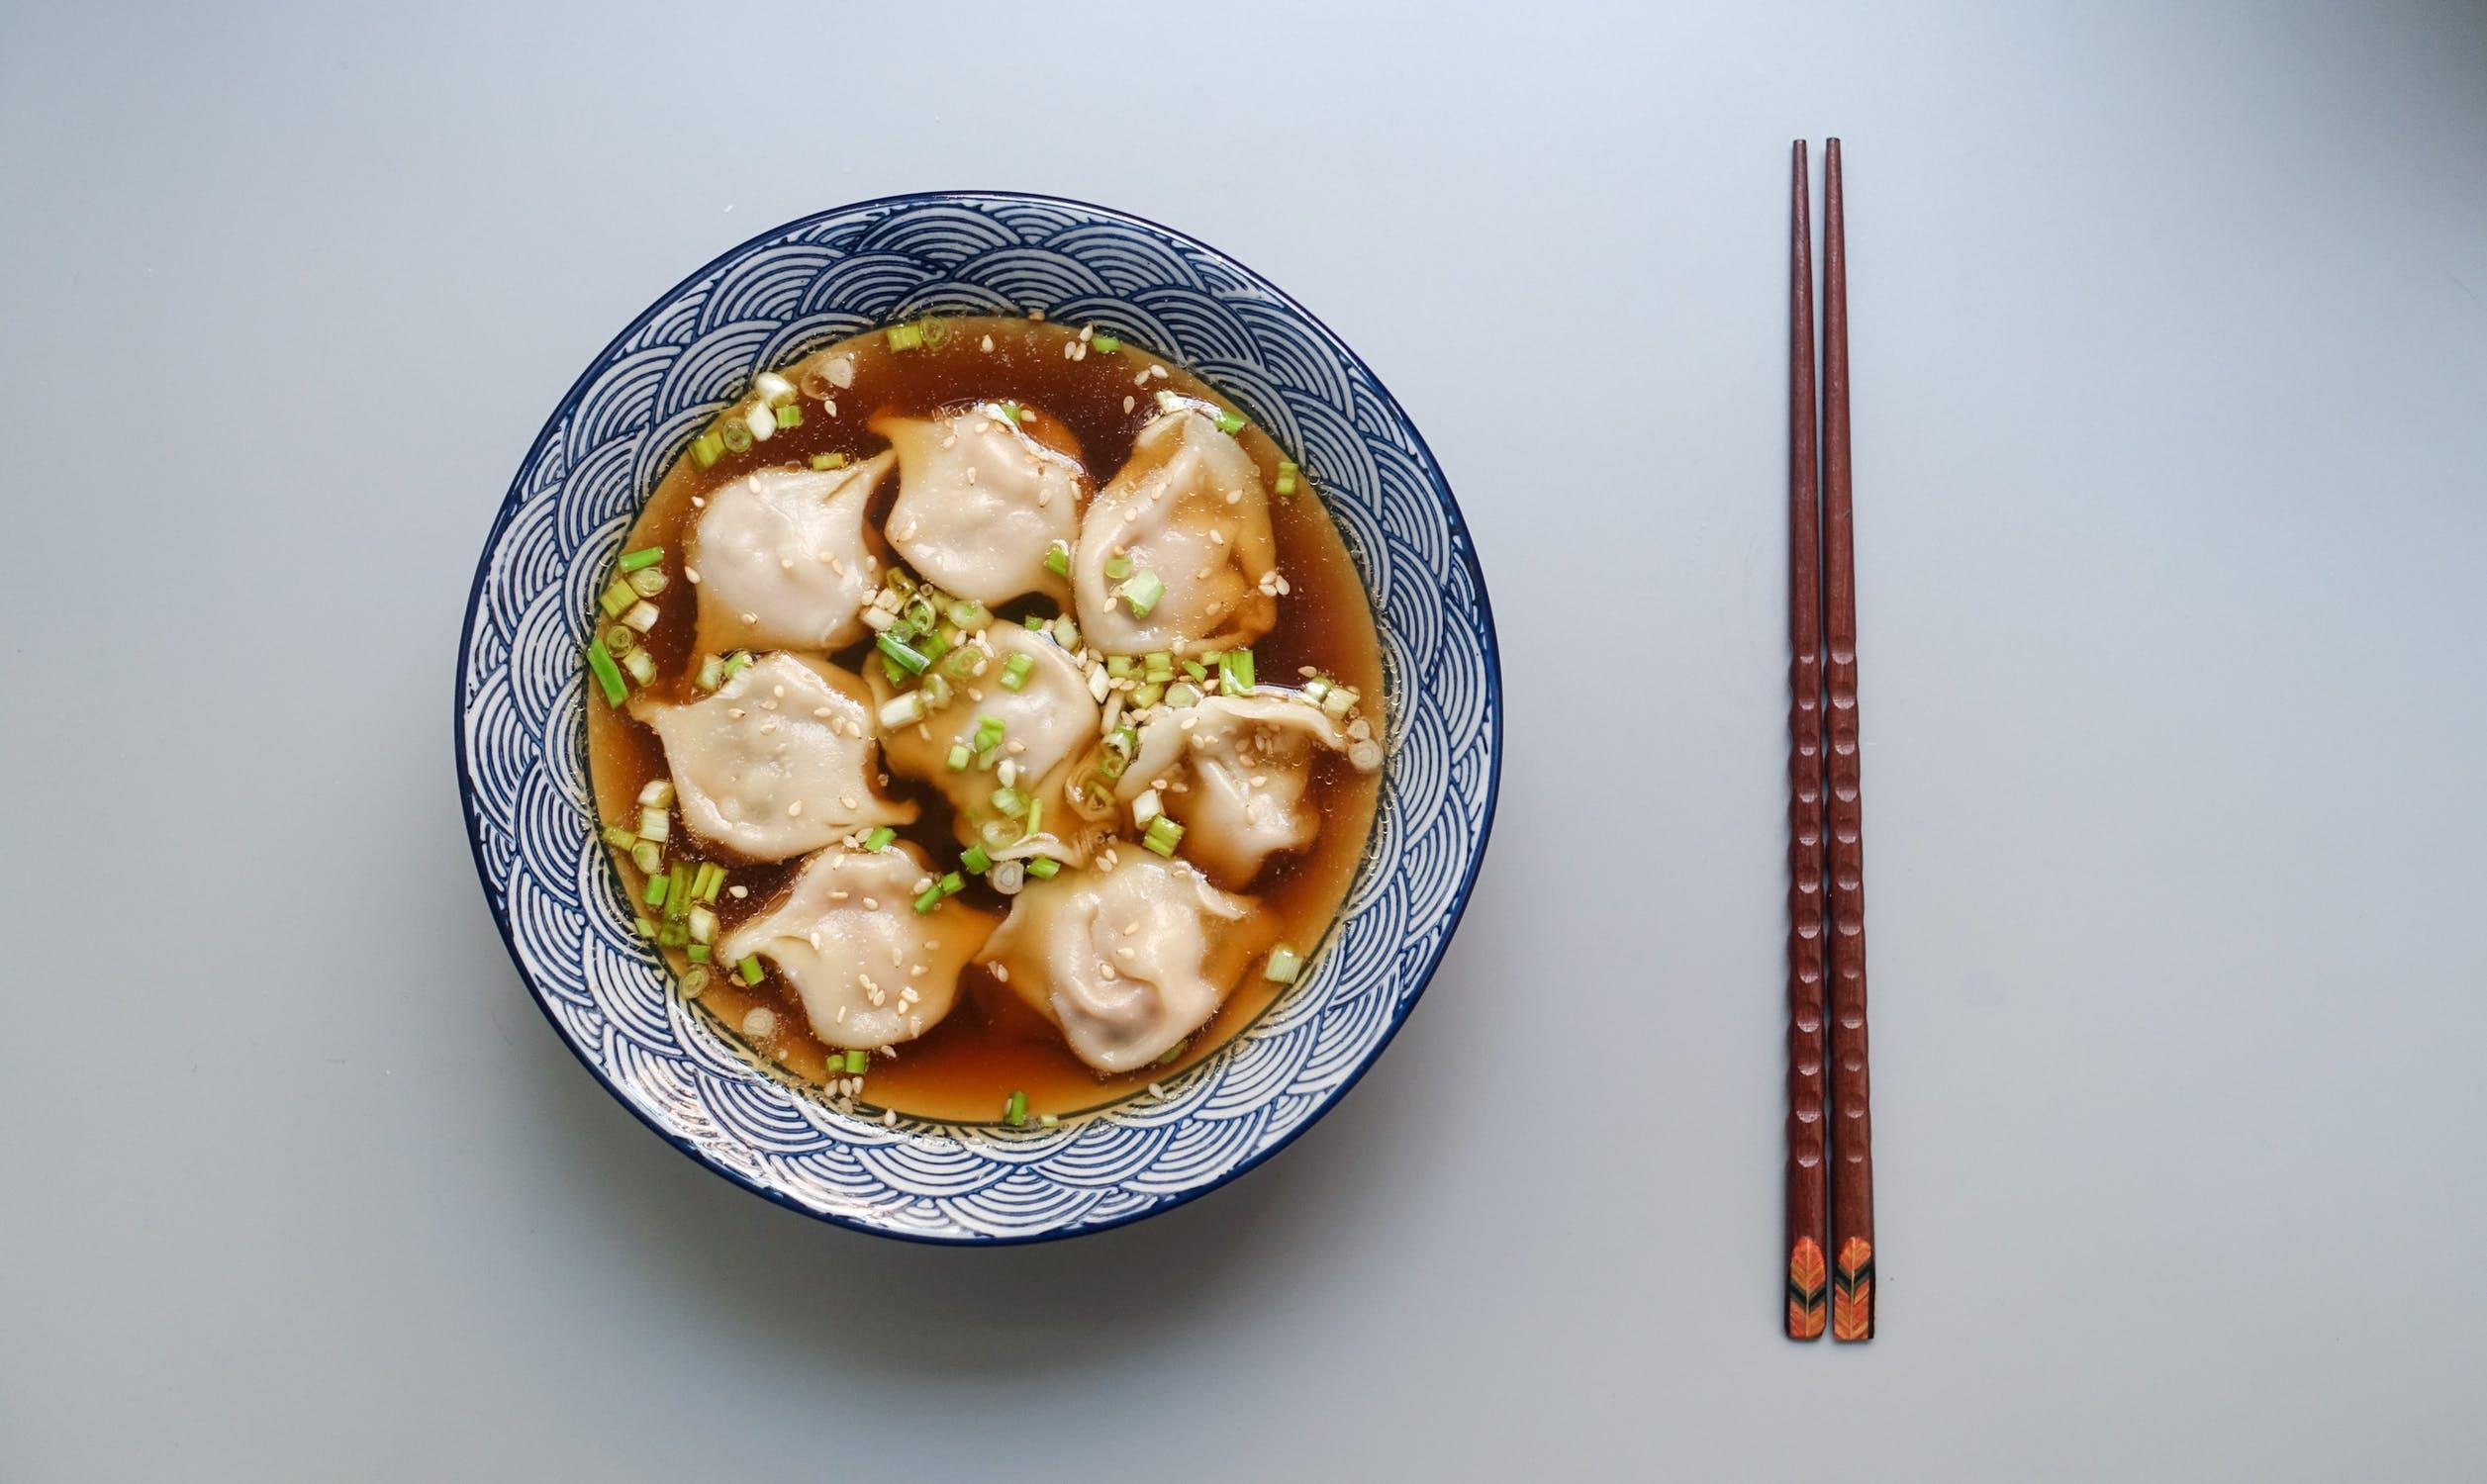 dumplings, yescomusa, rice steamer